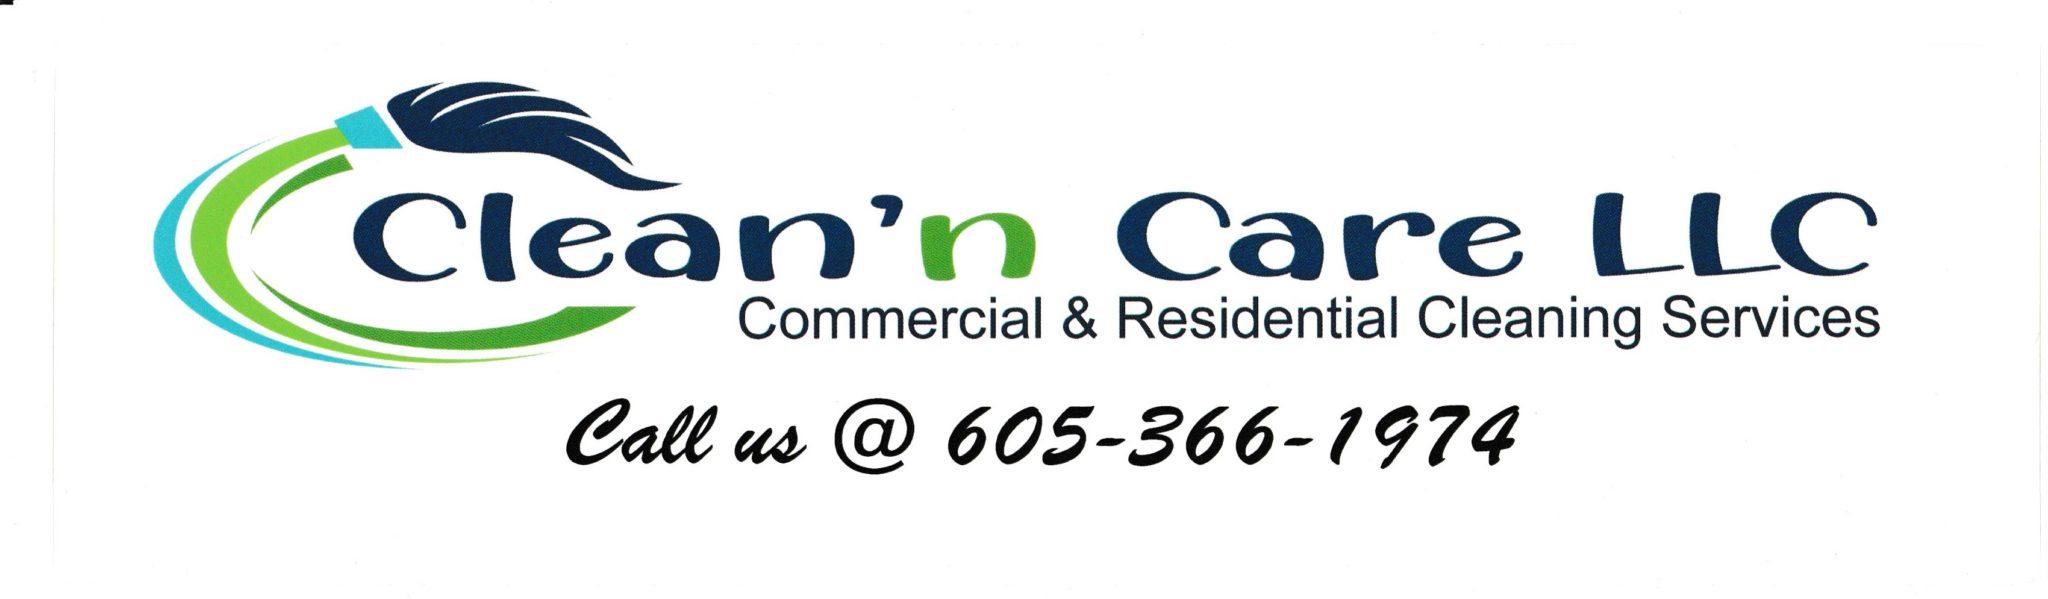 Clean'n Care LLC